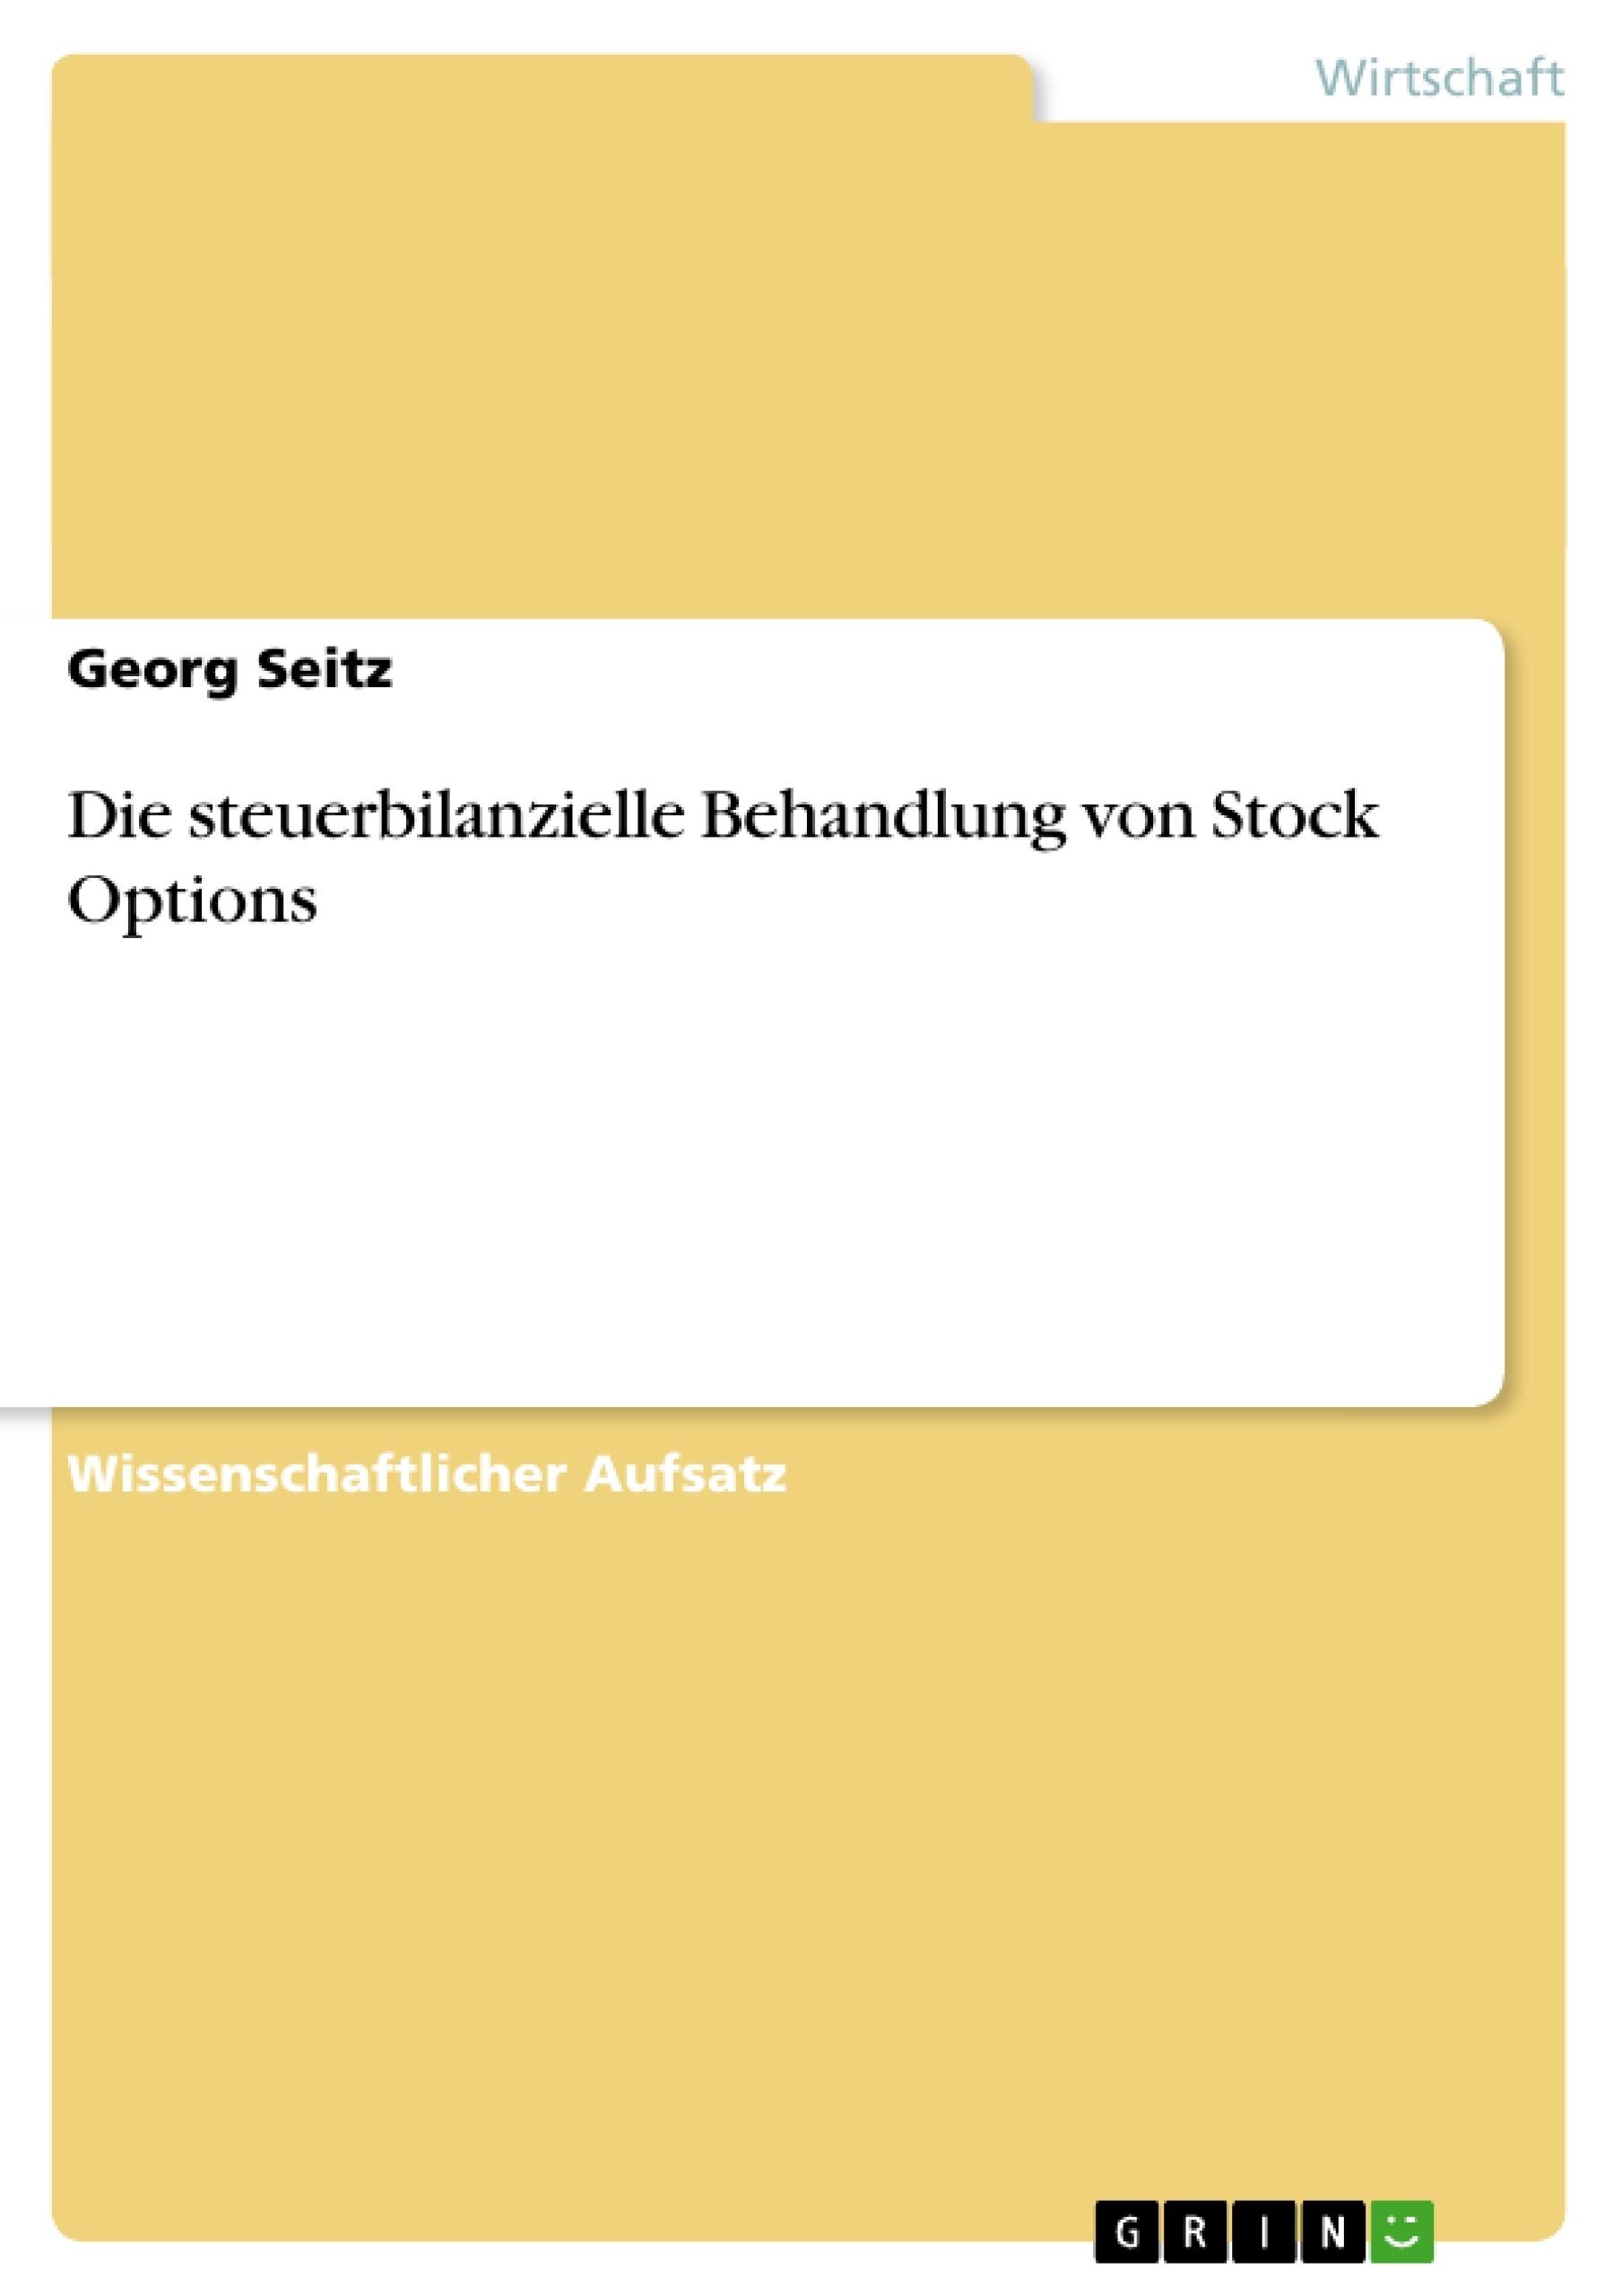 Titel: Die steuerbilanzielle Behandlung von Stock Options